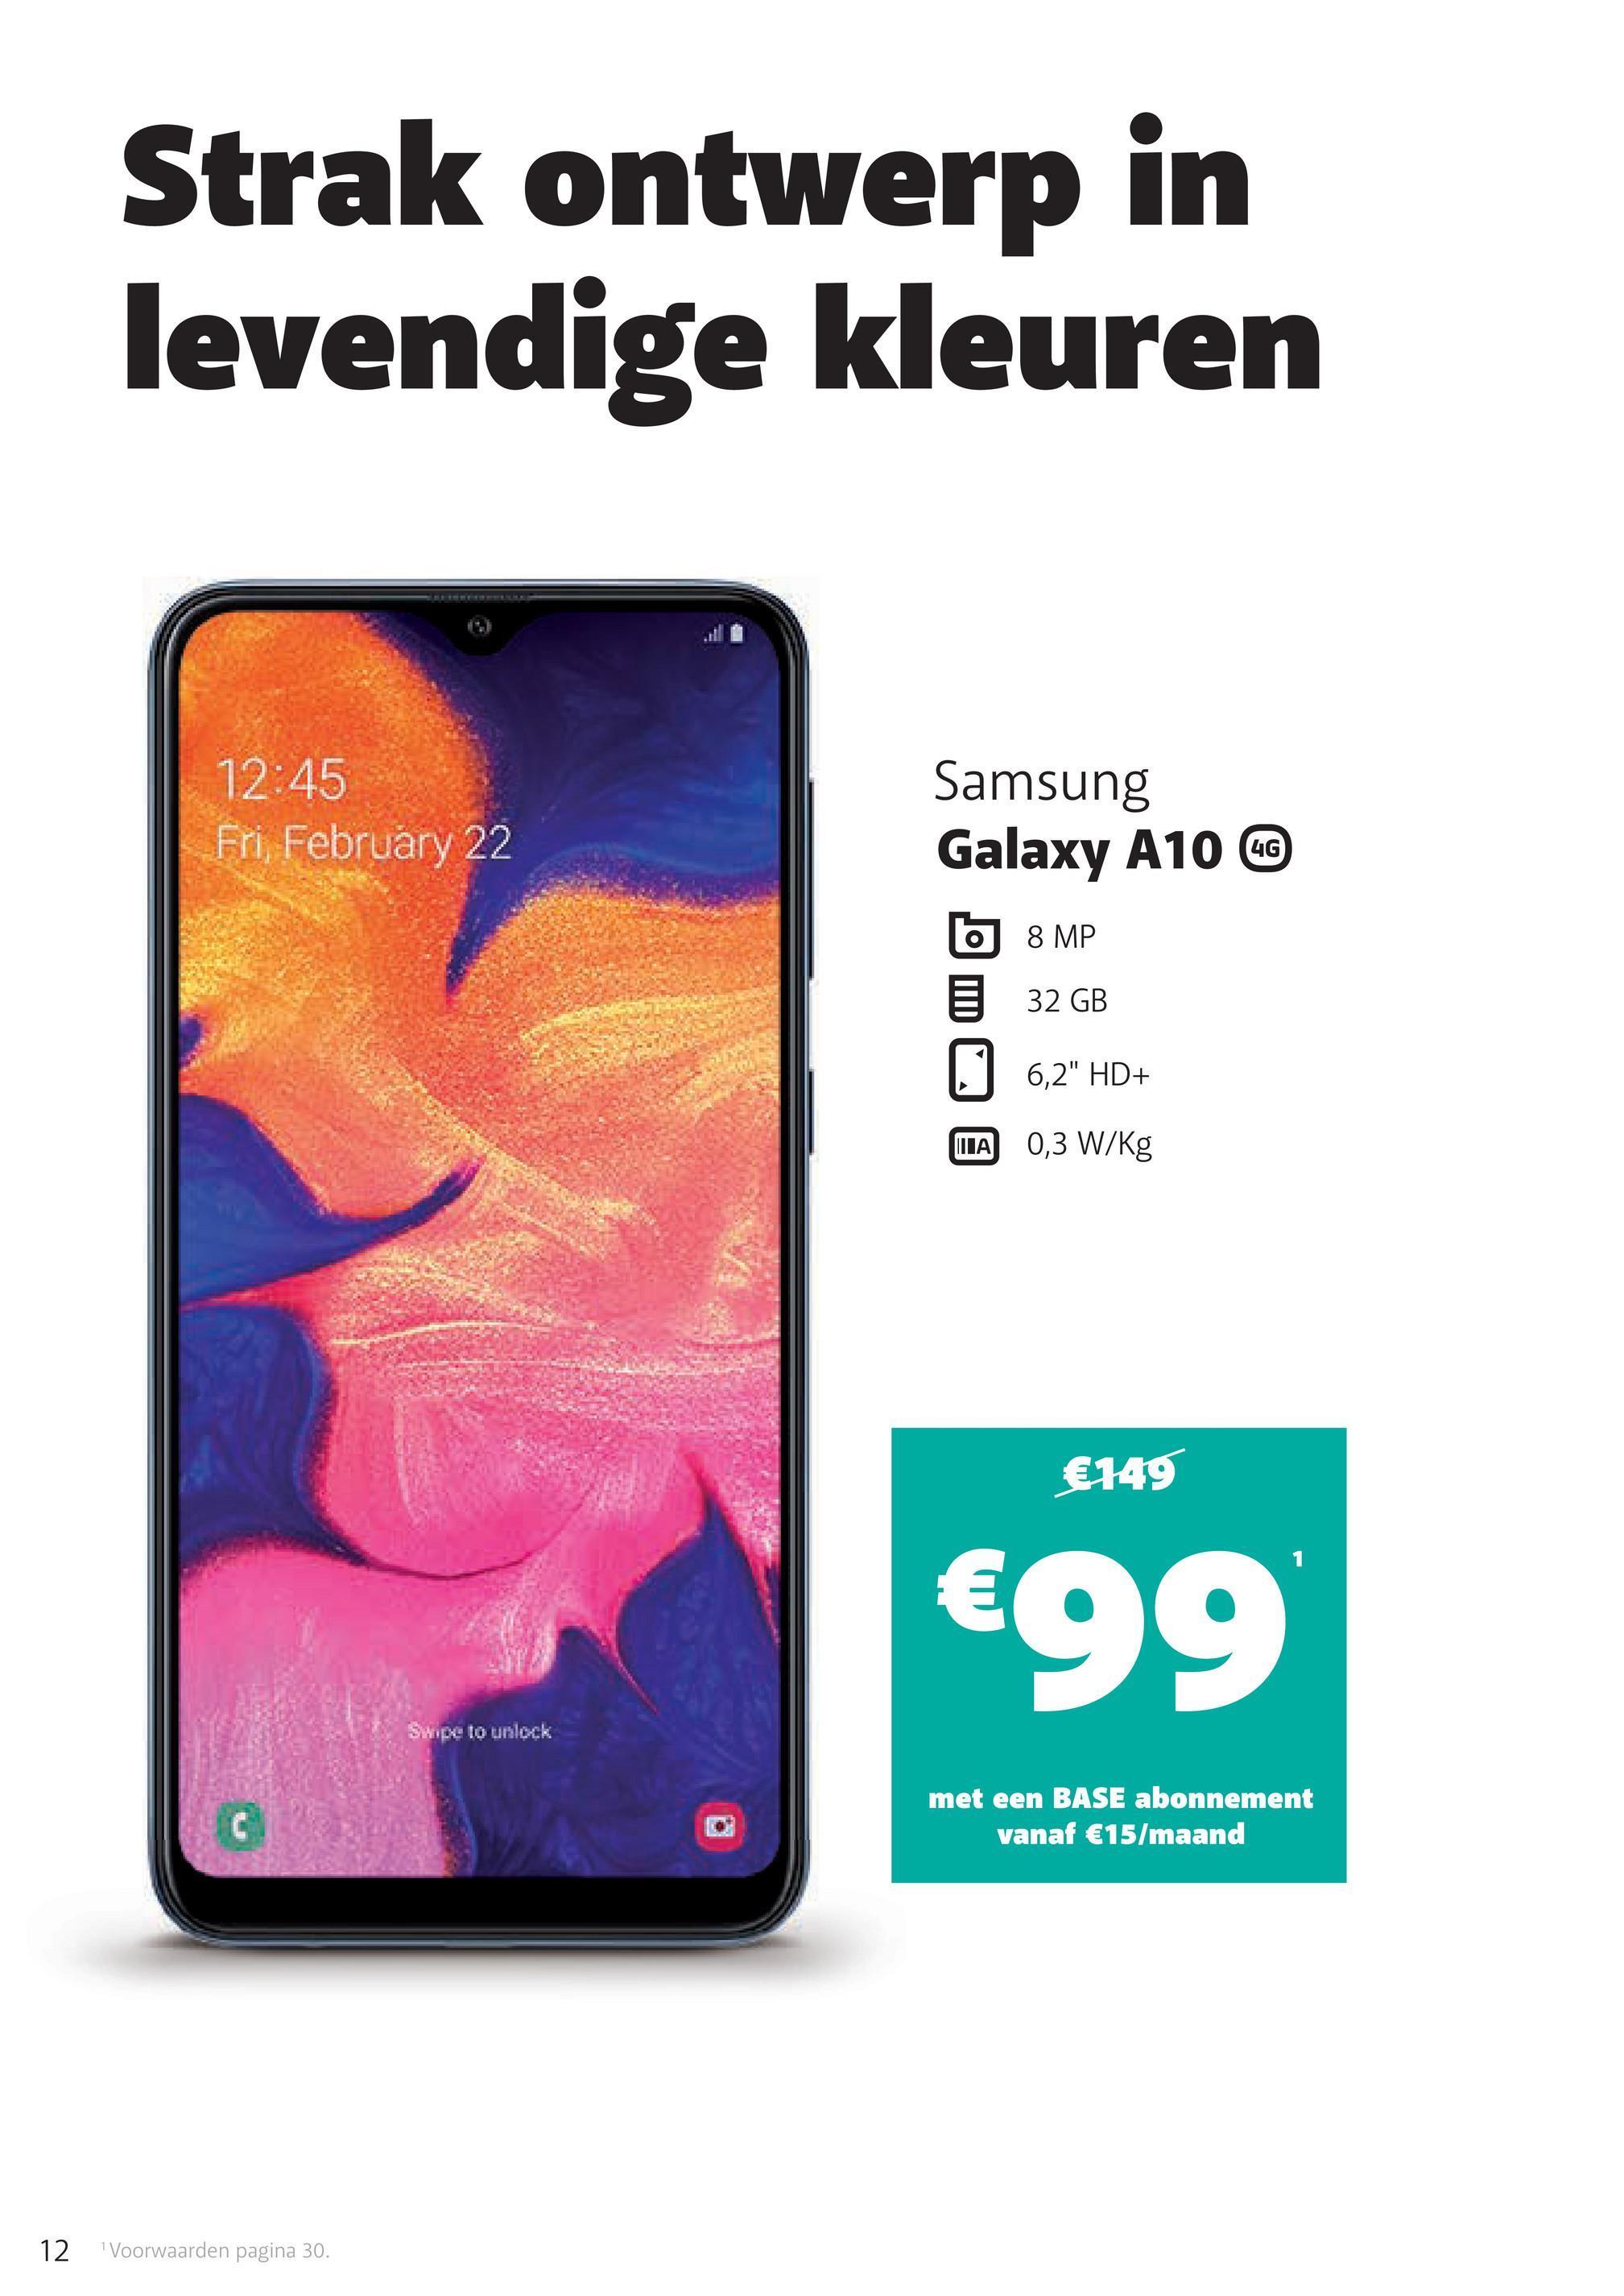 """Strak ontwerp in levendige kleuren 12:45 Fri, February 22 UG Samsung Galaxy A10 CC 6 8 MP 32 GB 16,2"""" HD+ WA 0,3 W/kg €149 €99 Swipe to unlock met een BASE abonnement vanaf €15/maand 12 Voorwaarden pagina 30."""